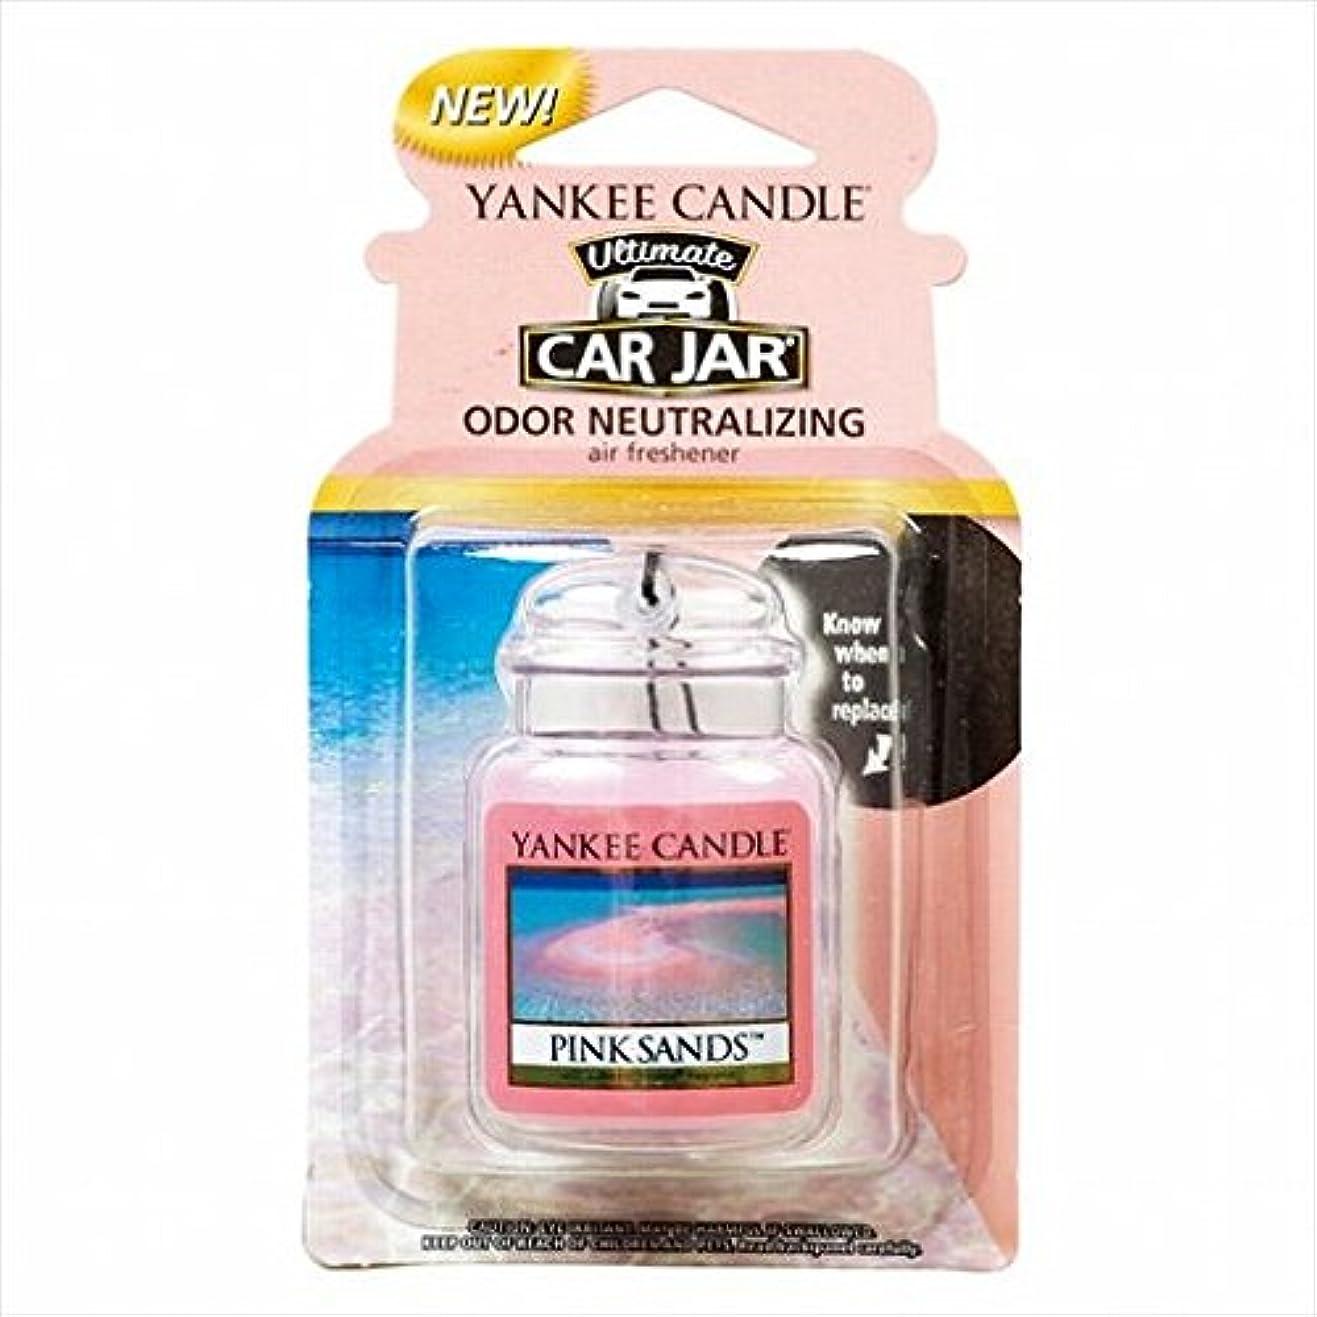 六分儀未満合併症カメヤマキャンドル(kameyama candle) YANKEE CANDLE ネオカージャー 「 ピンクサンド 」